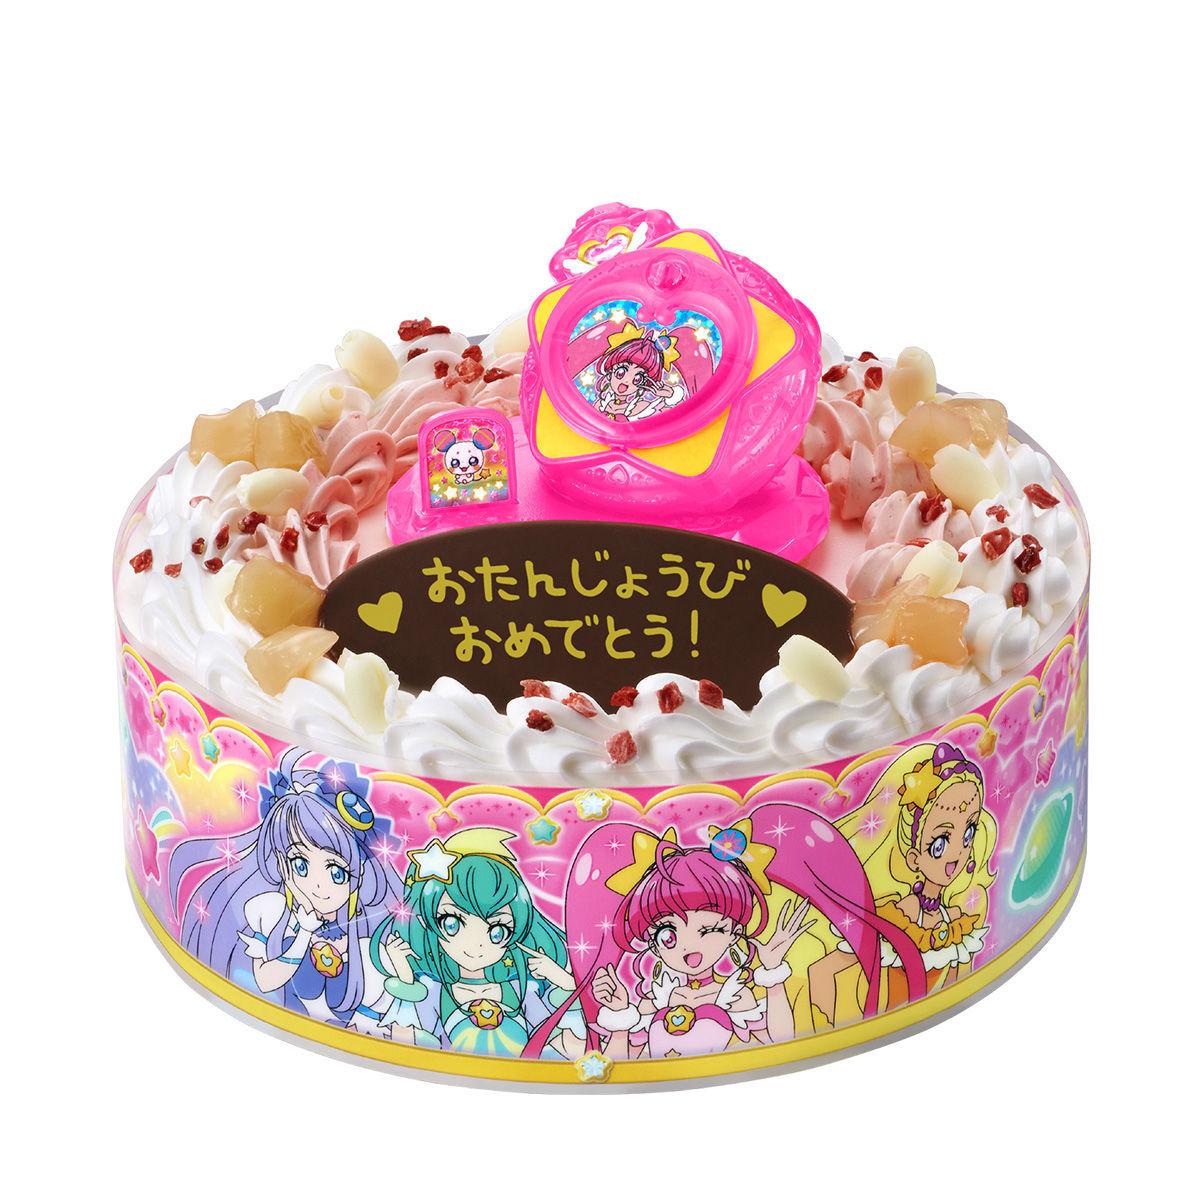 キャラデコお祝いケーキ スター☆トゥインクルプリキュア[5号サイズ]_8